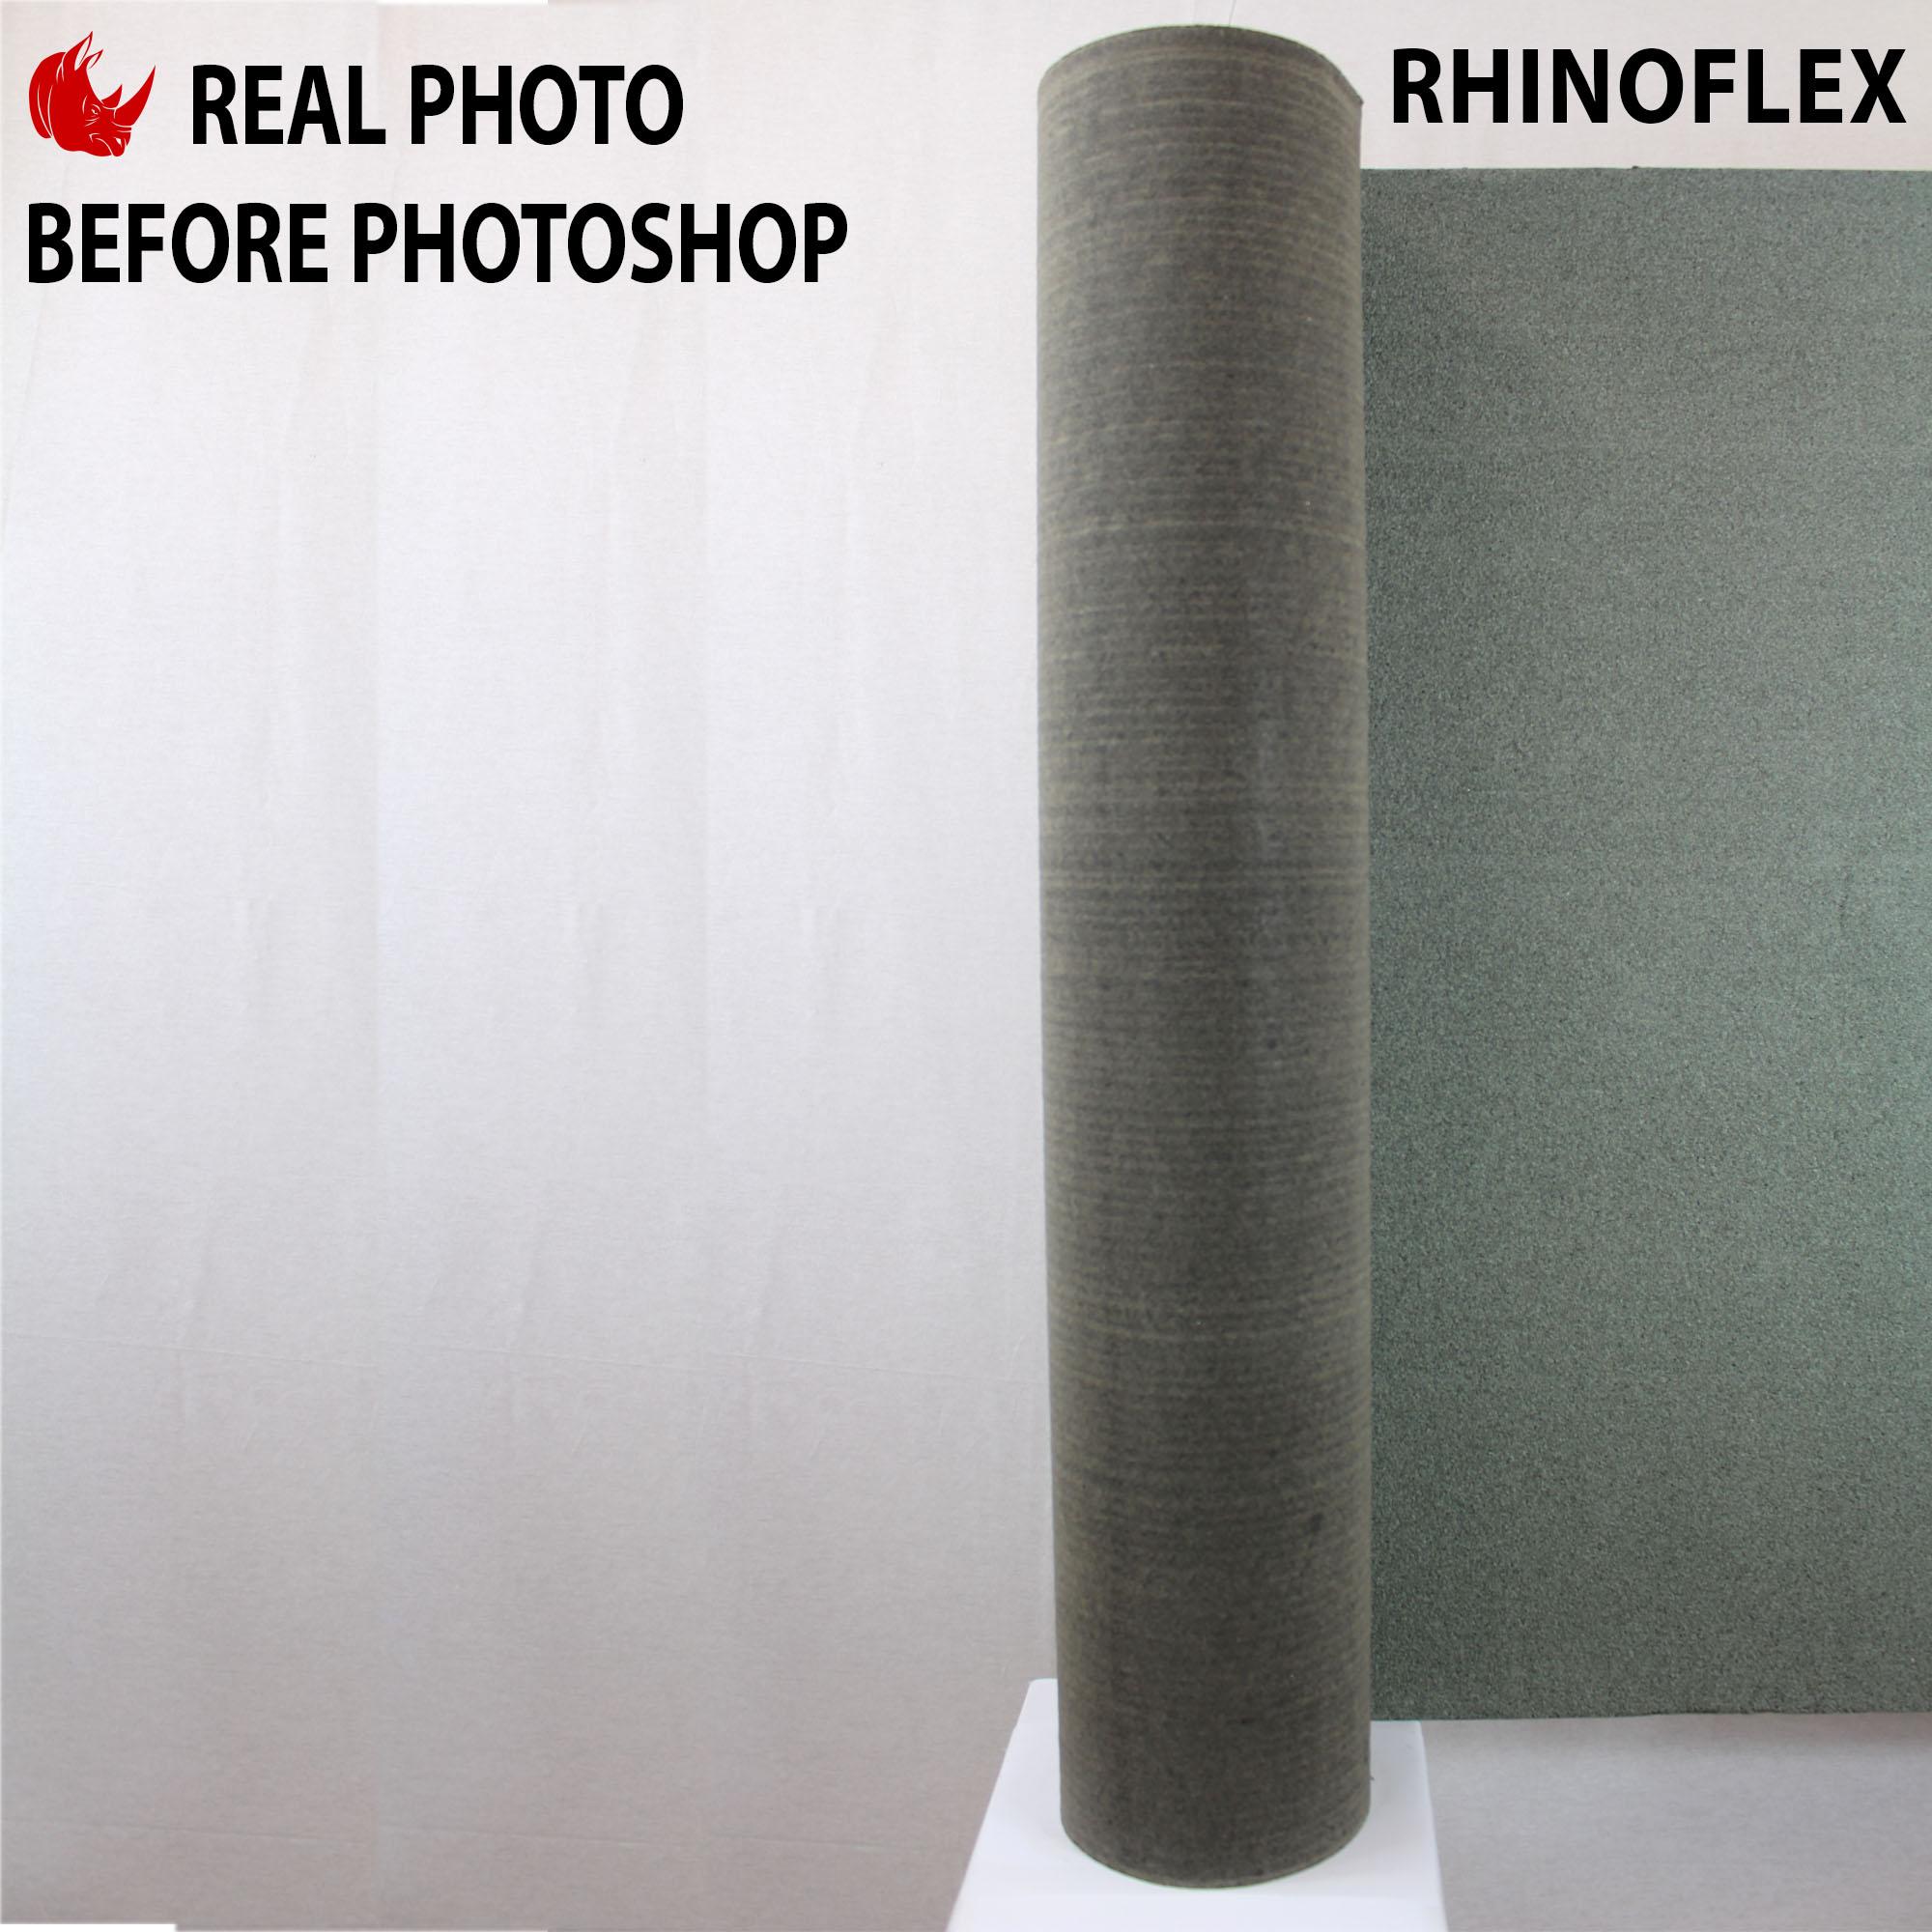 Rhinoflex Green Mineral Shed Felt Premium Garden Roofing